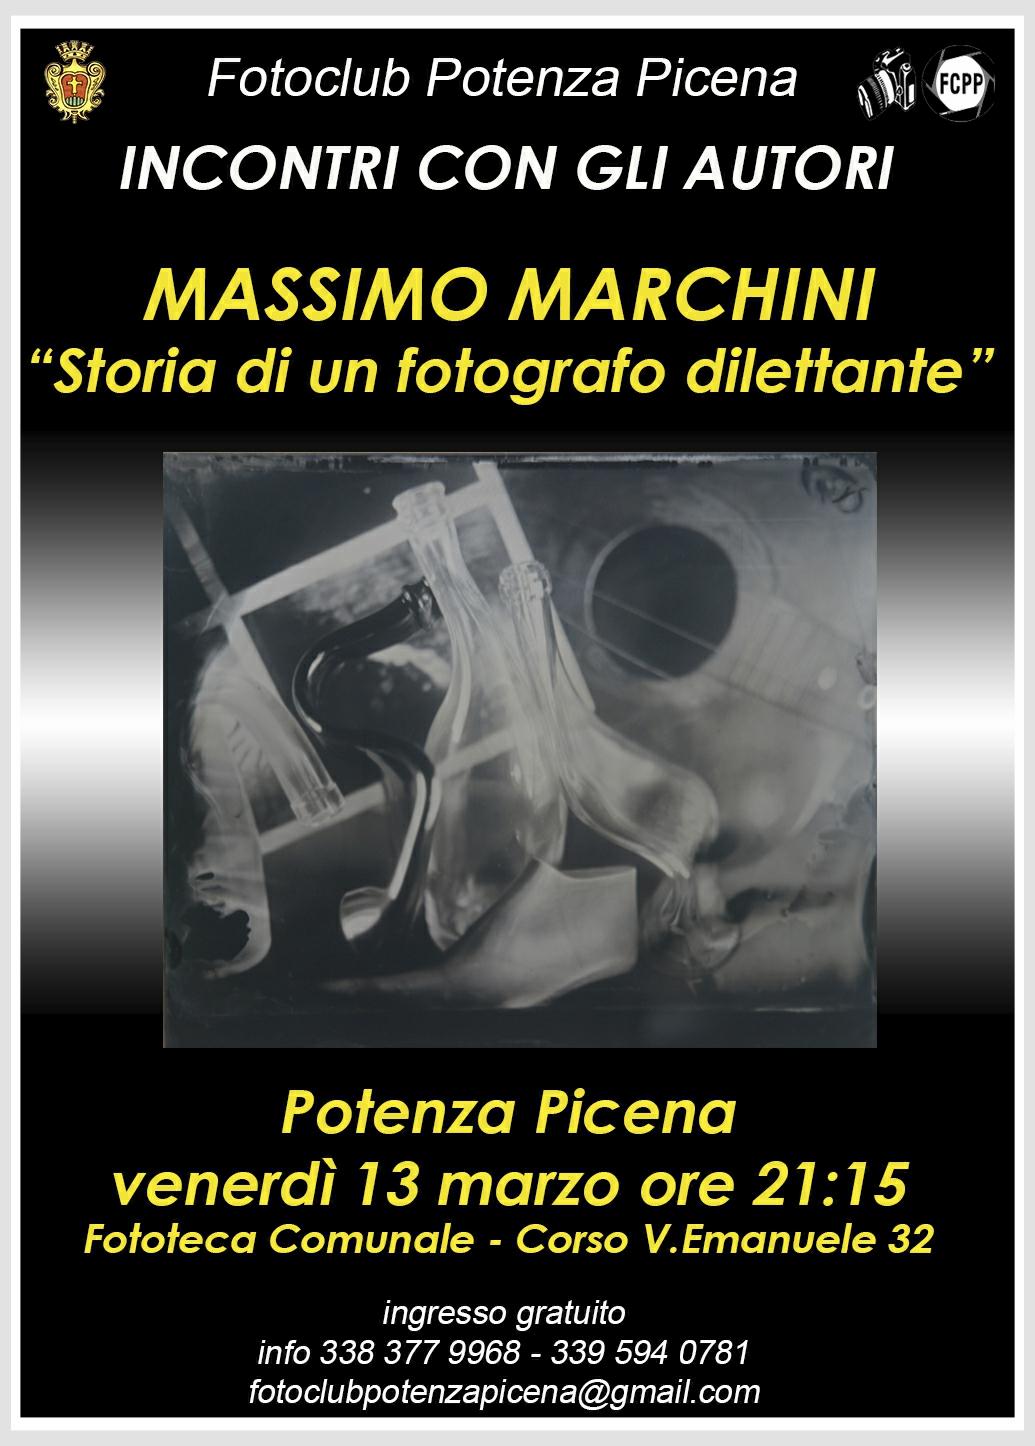 """M.Marchini """"storia di un fotografo dilettante"""".jpg"""